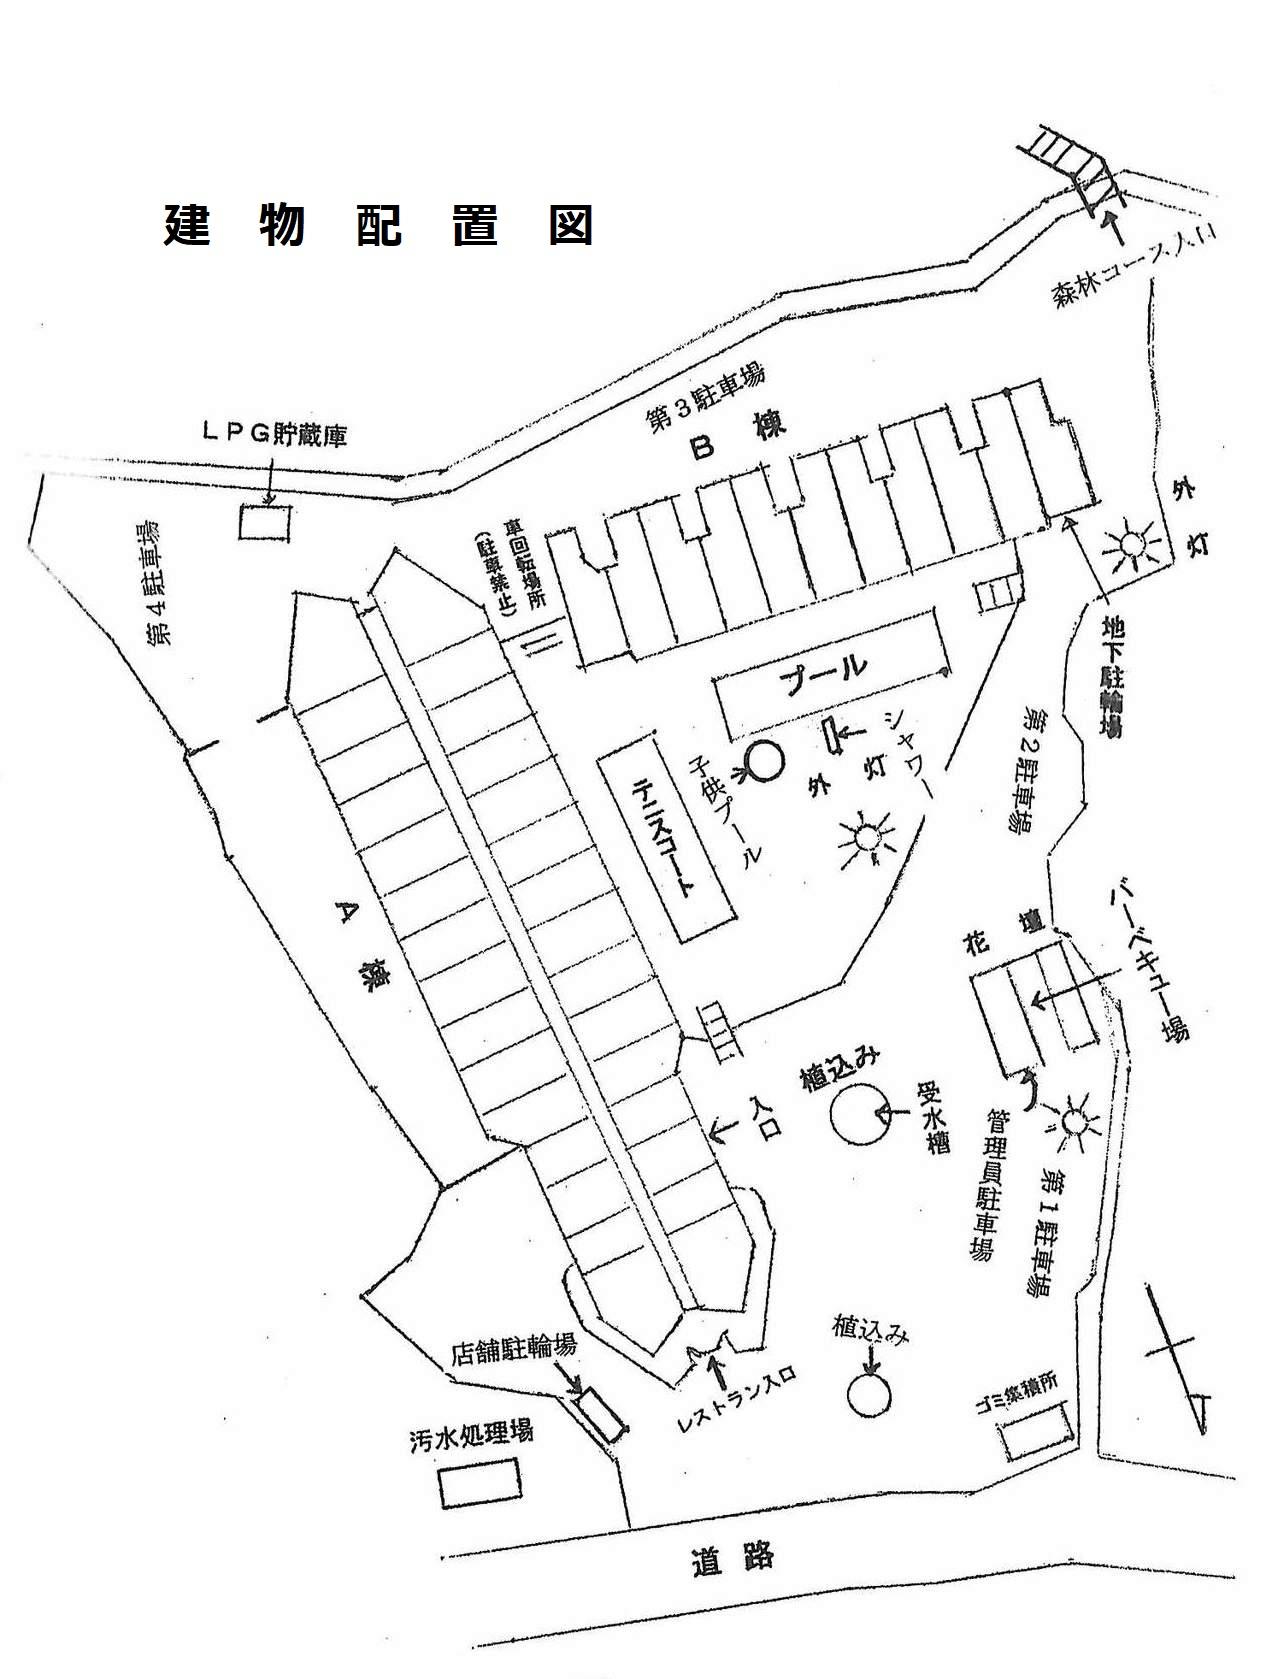 千葉県館山市洲崎のマンション、洲崎ロイヤルマンションの配置図